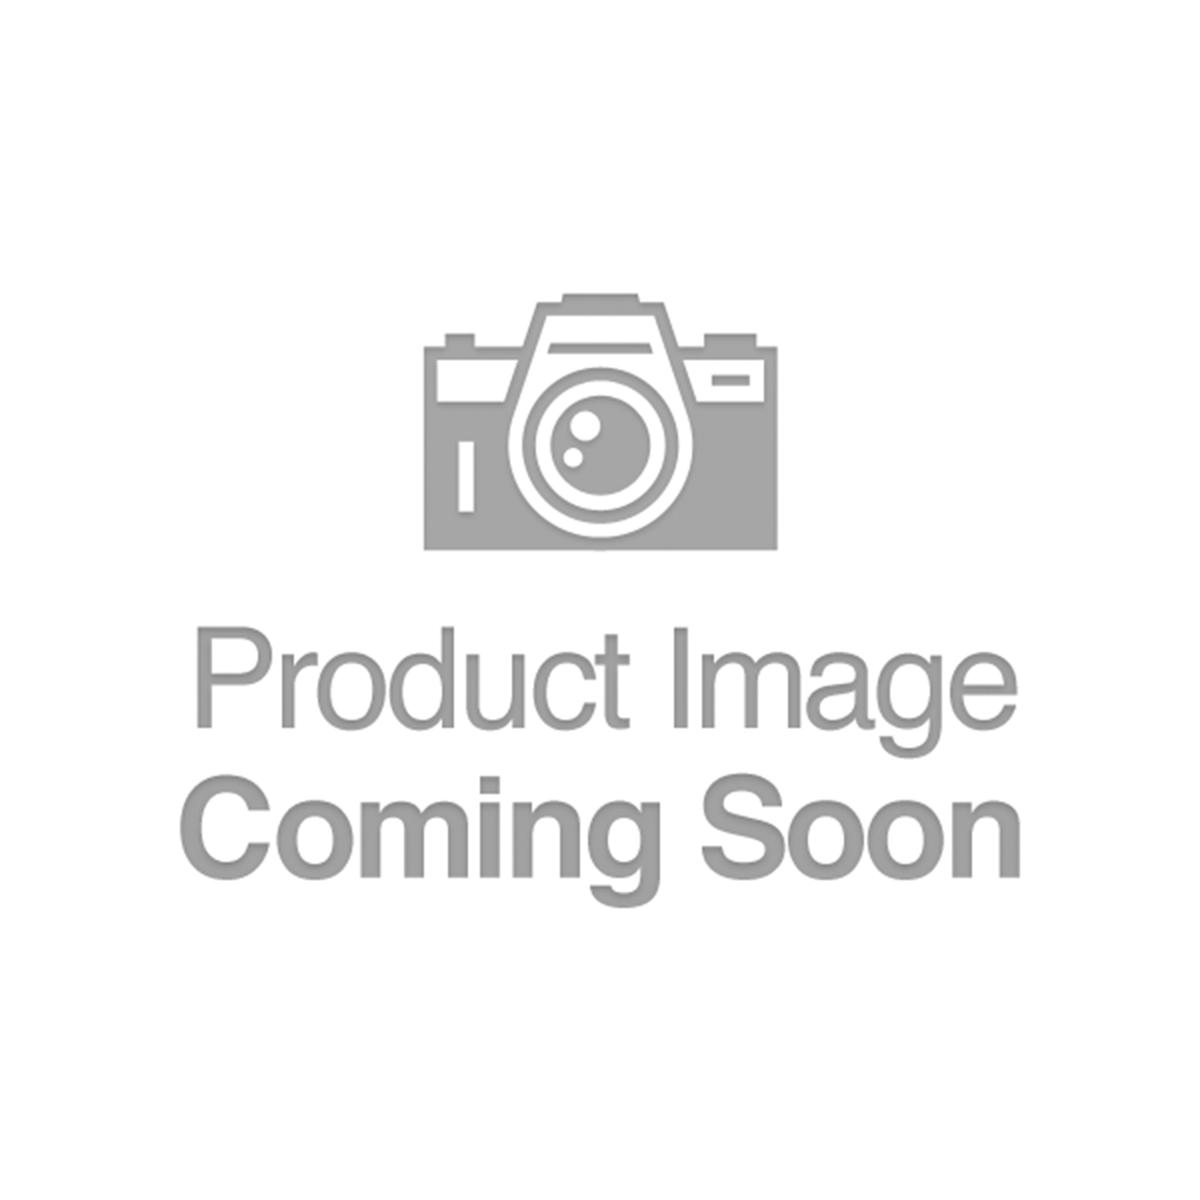 FR. 1550 $100 1966 Legal Tender PMG 68 EPQ